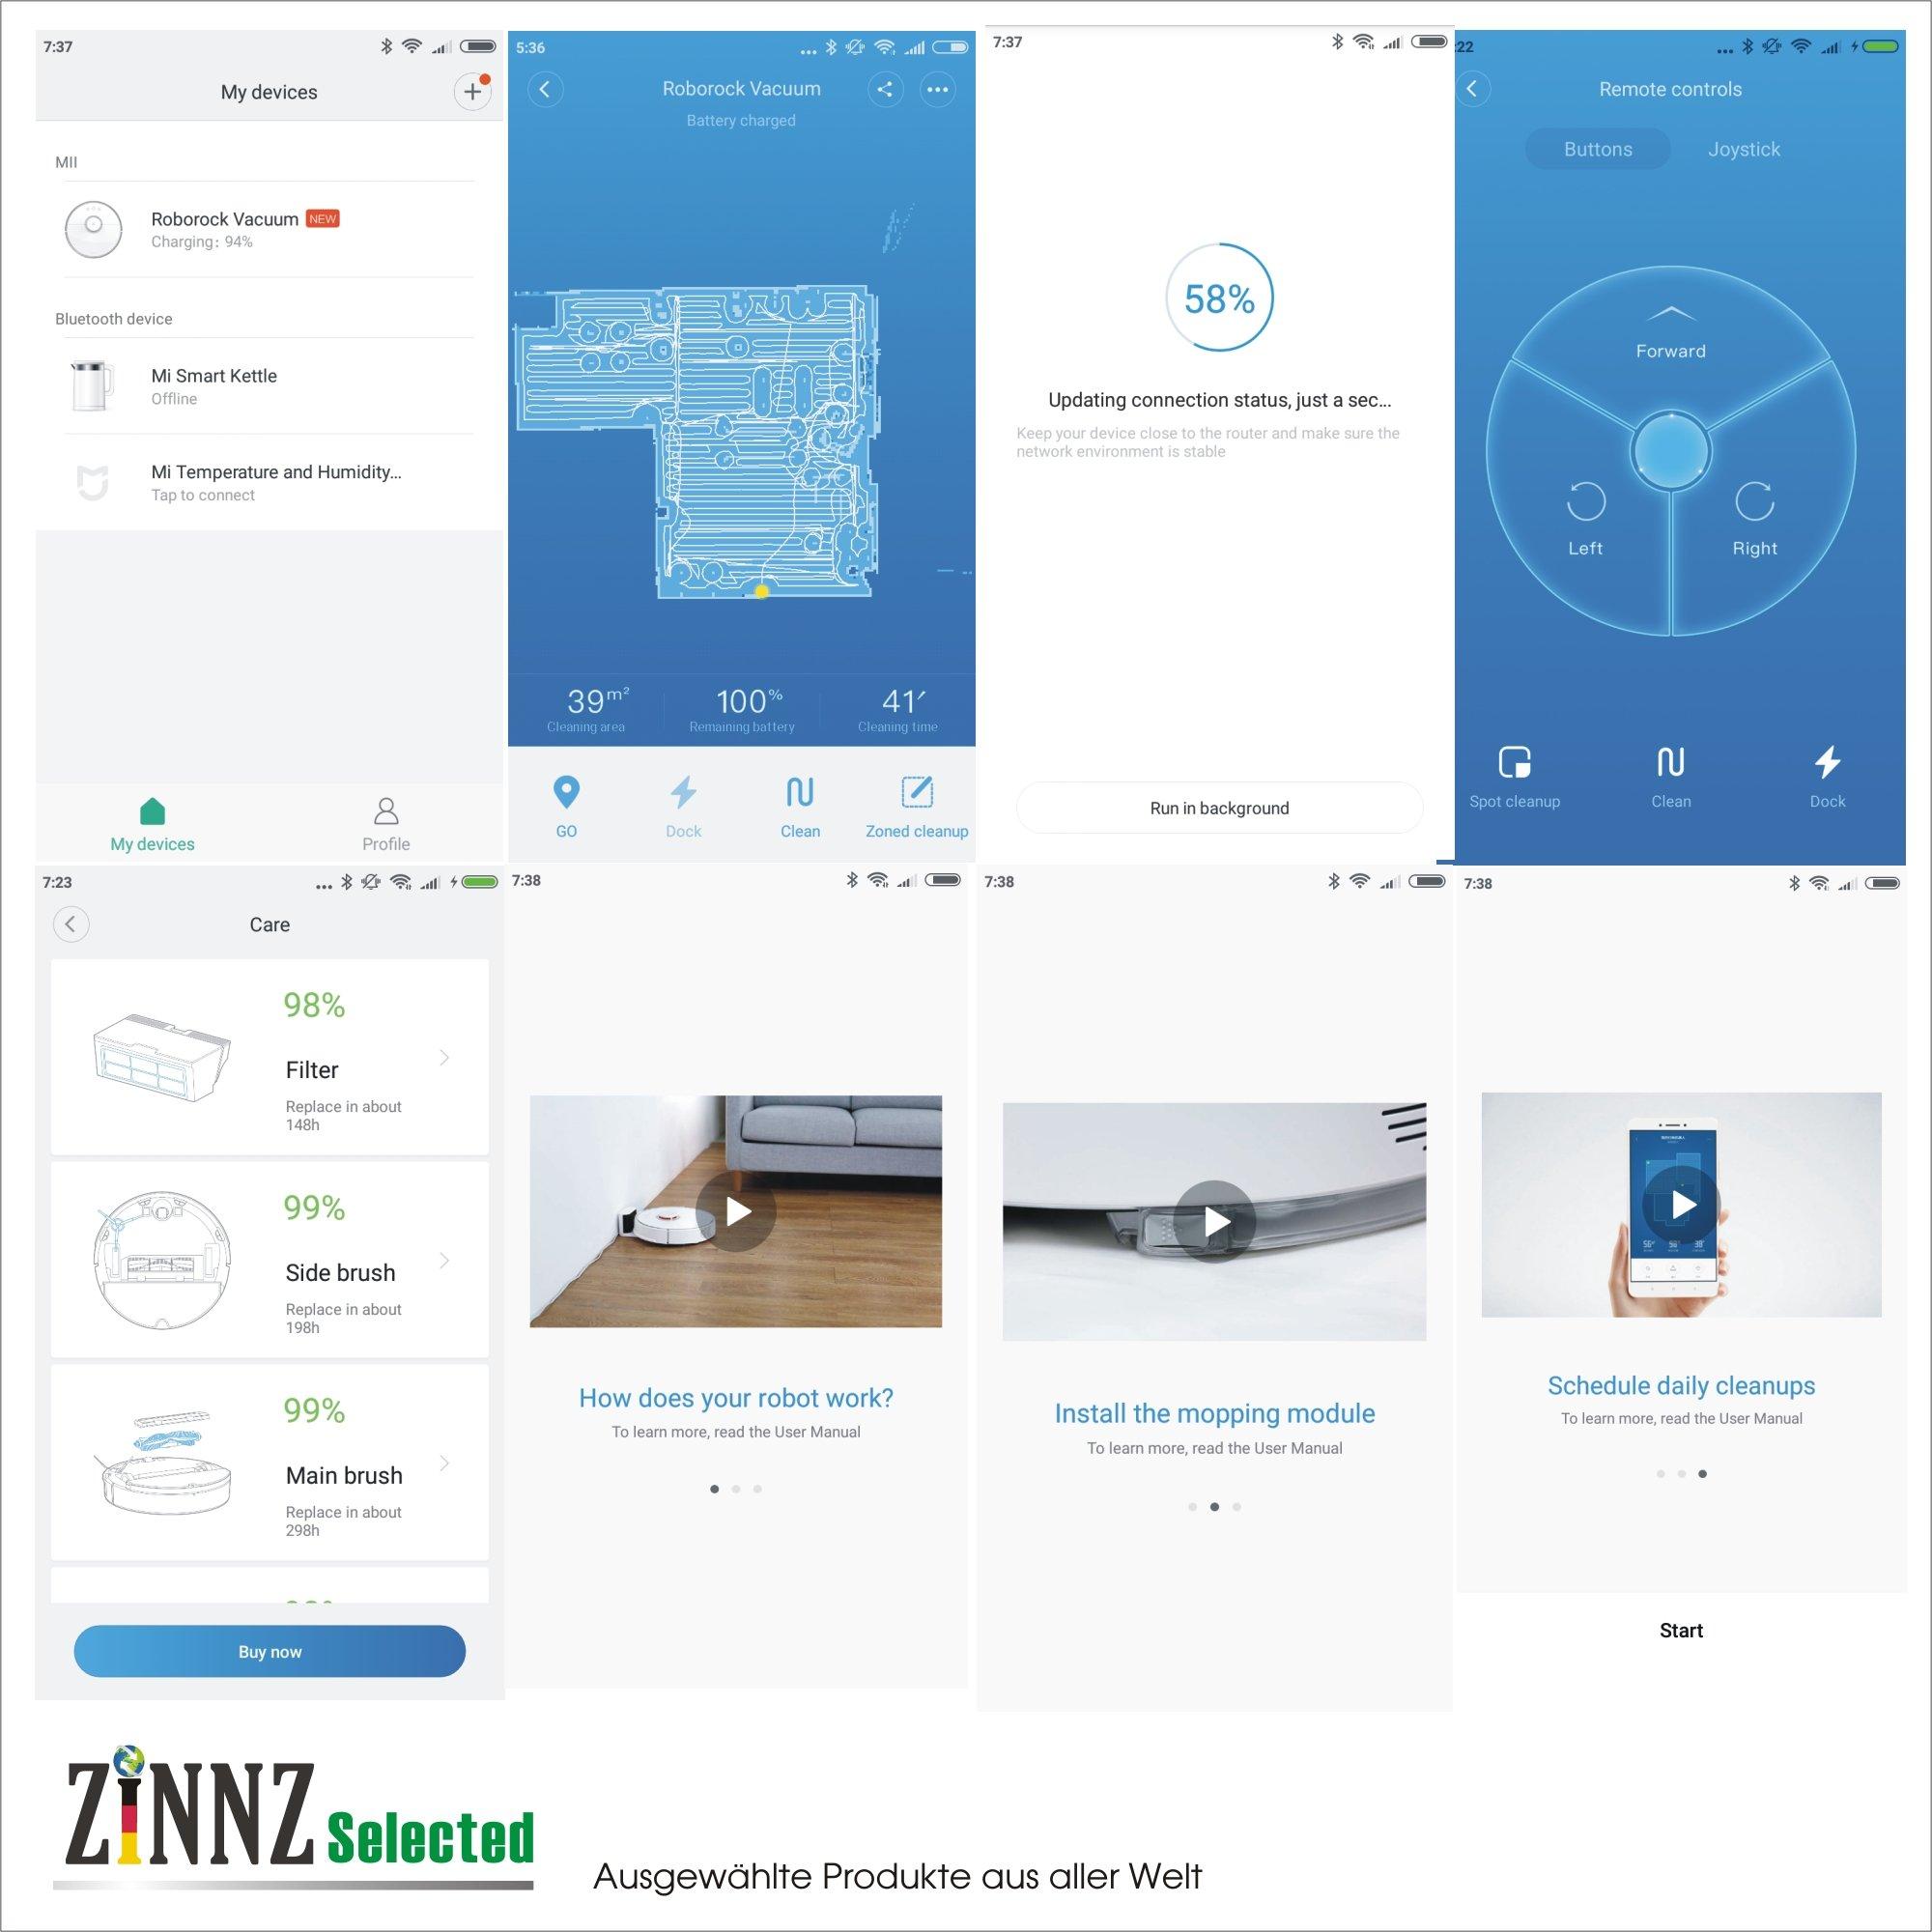 3 Jahre Garantie XIAOMI Saugroboter 2.te Generation EU Version Roborock S50 mit Wischfunktion App Control ZINNZ Selected